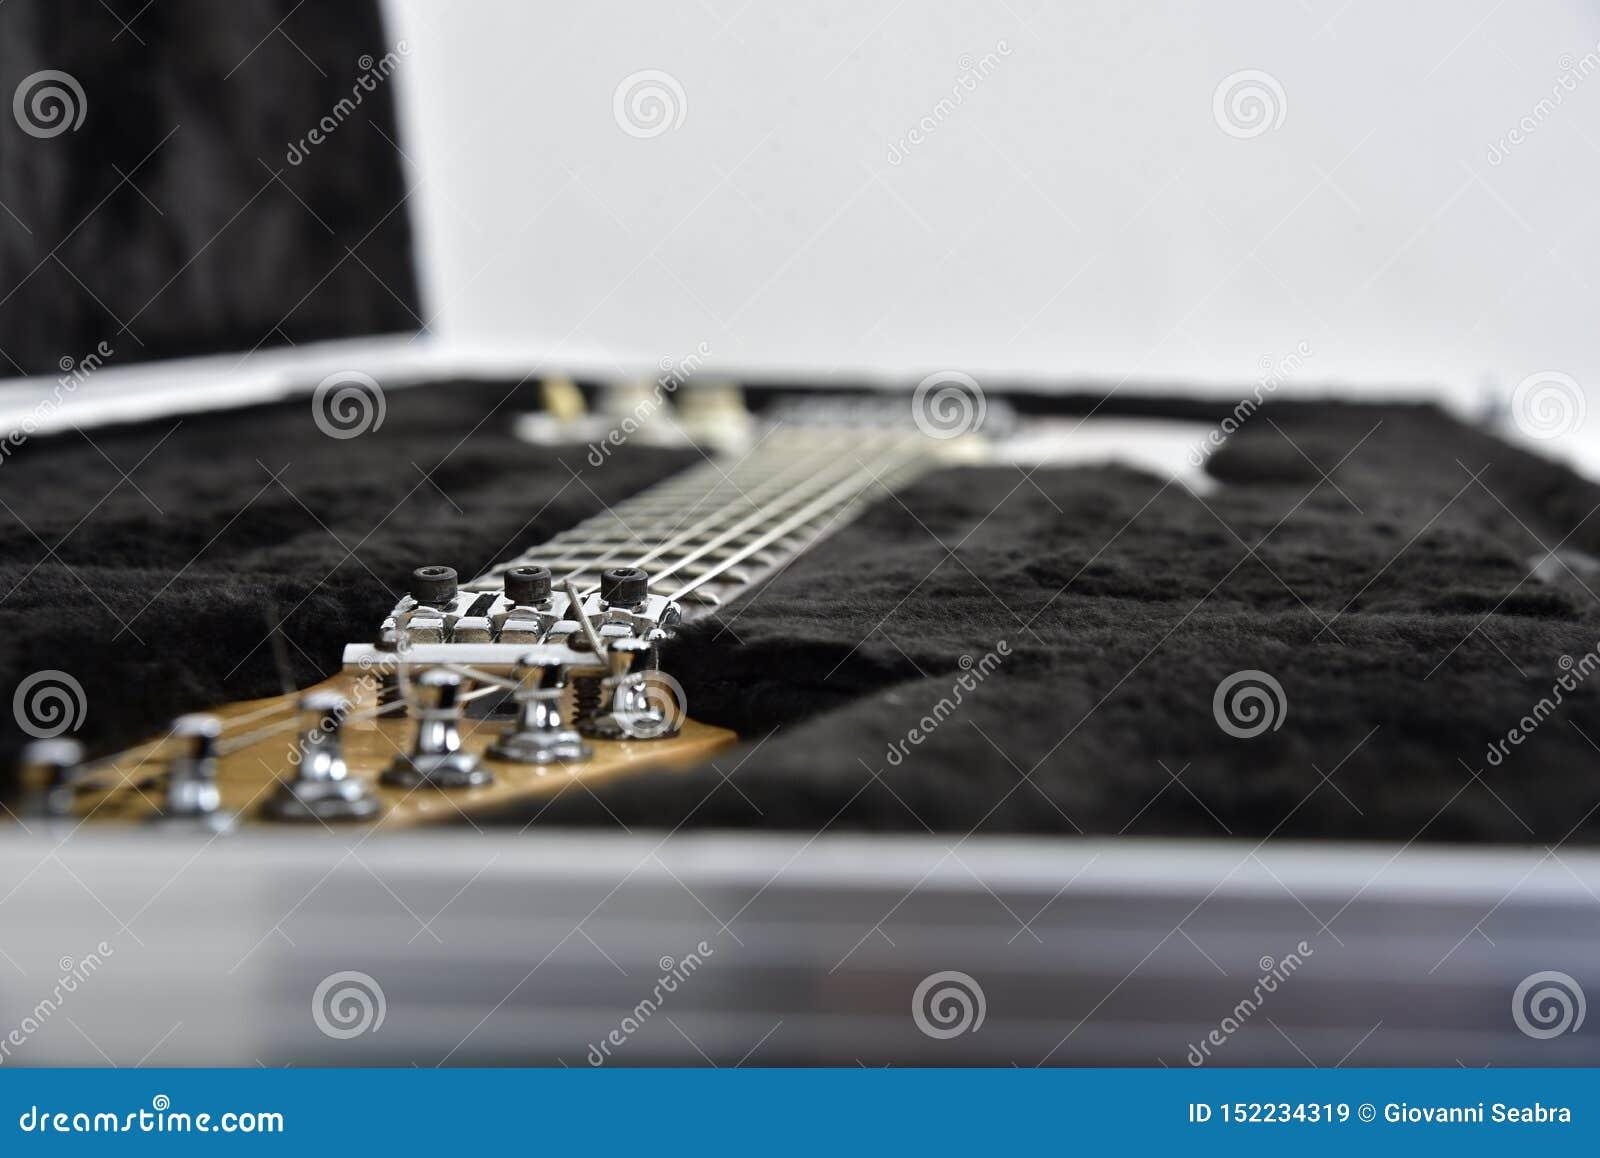 Gitarreffektutrustning på vit bakgrund